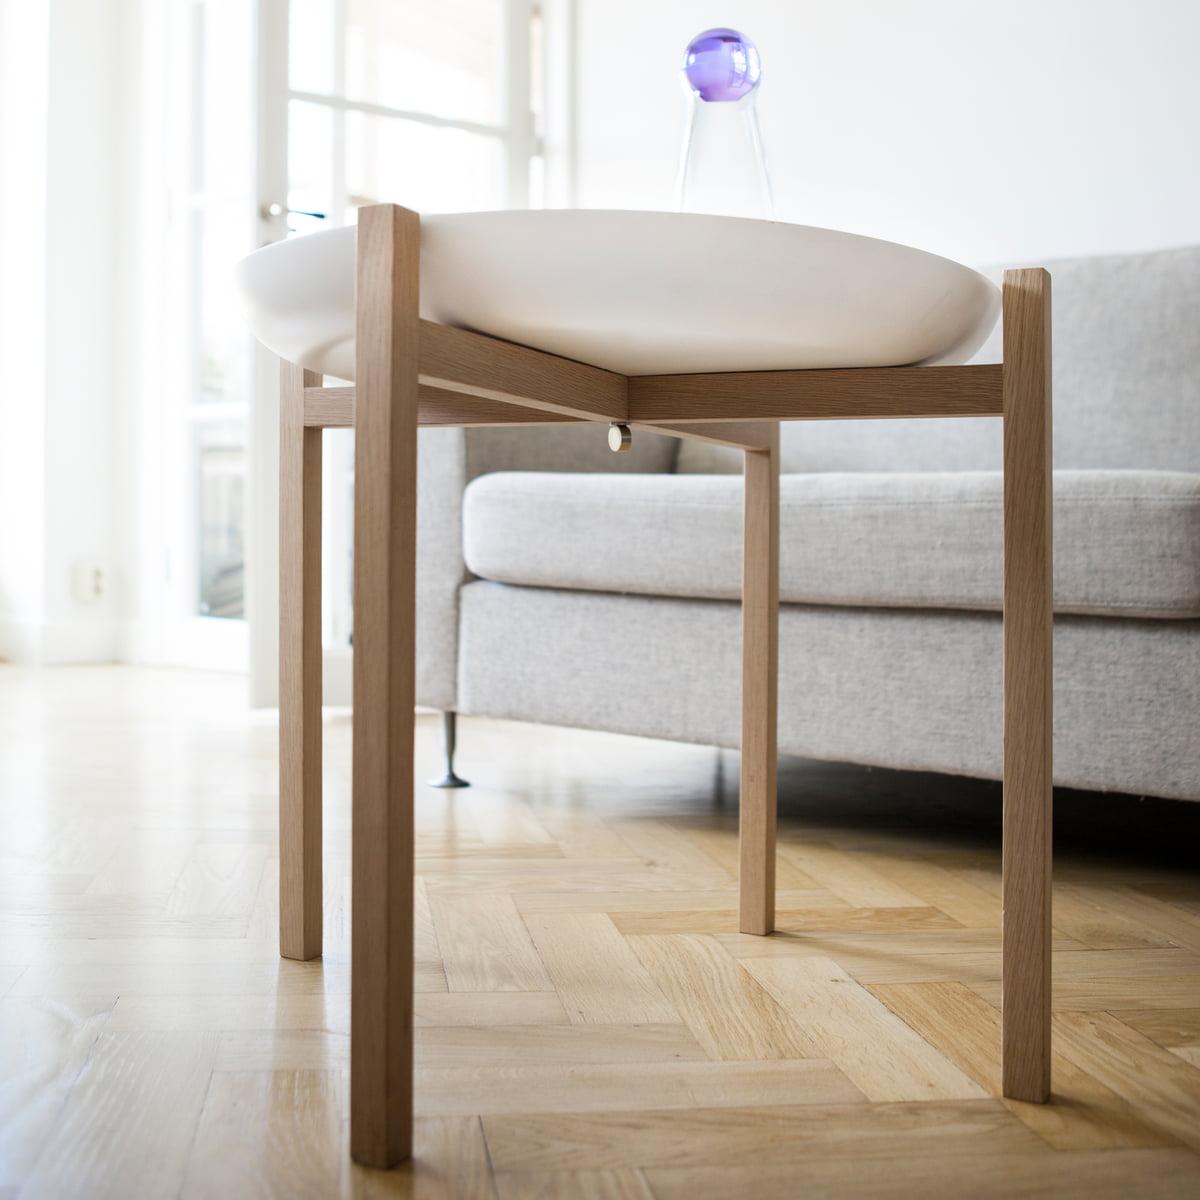 design sofa plat von arketipo mit integriertem regal und ... - Acryl Beistelltisch Eric Pfeiffer